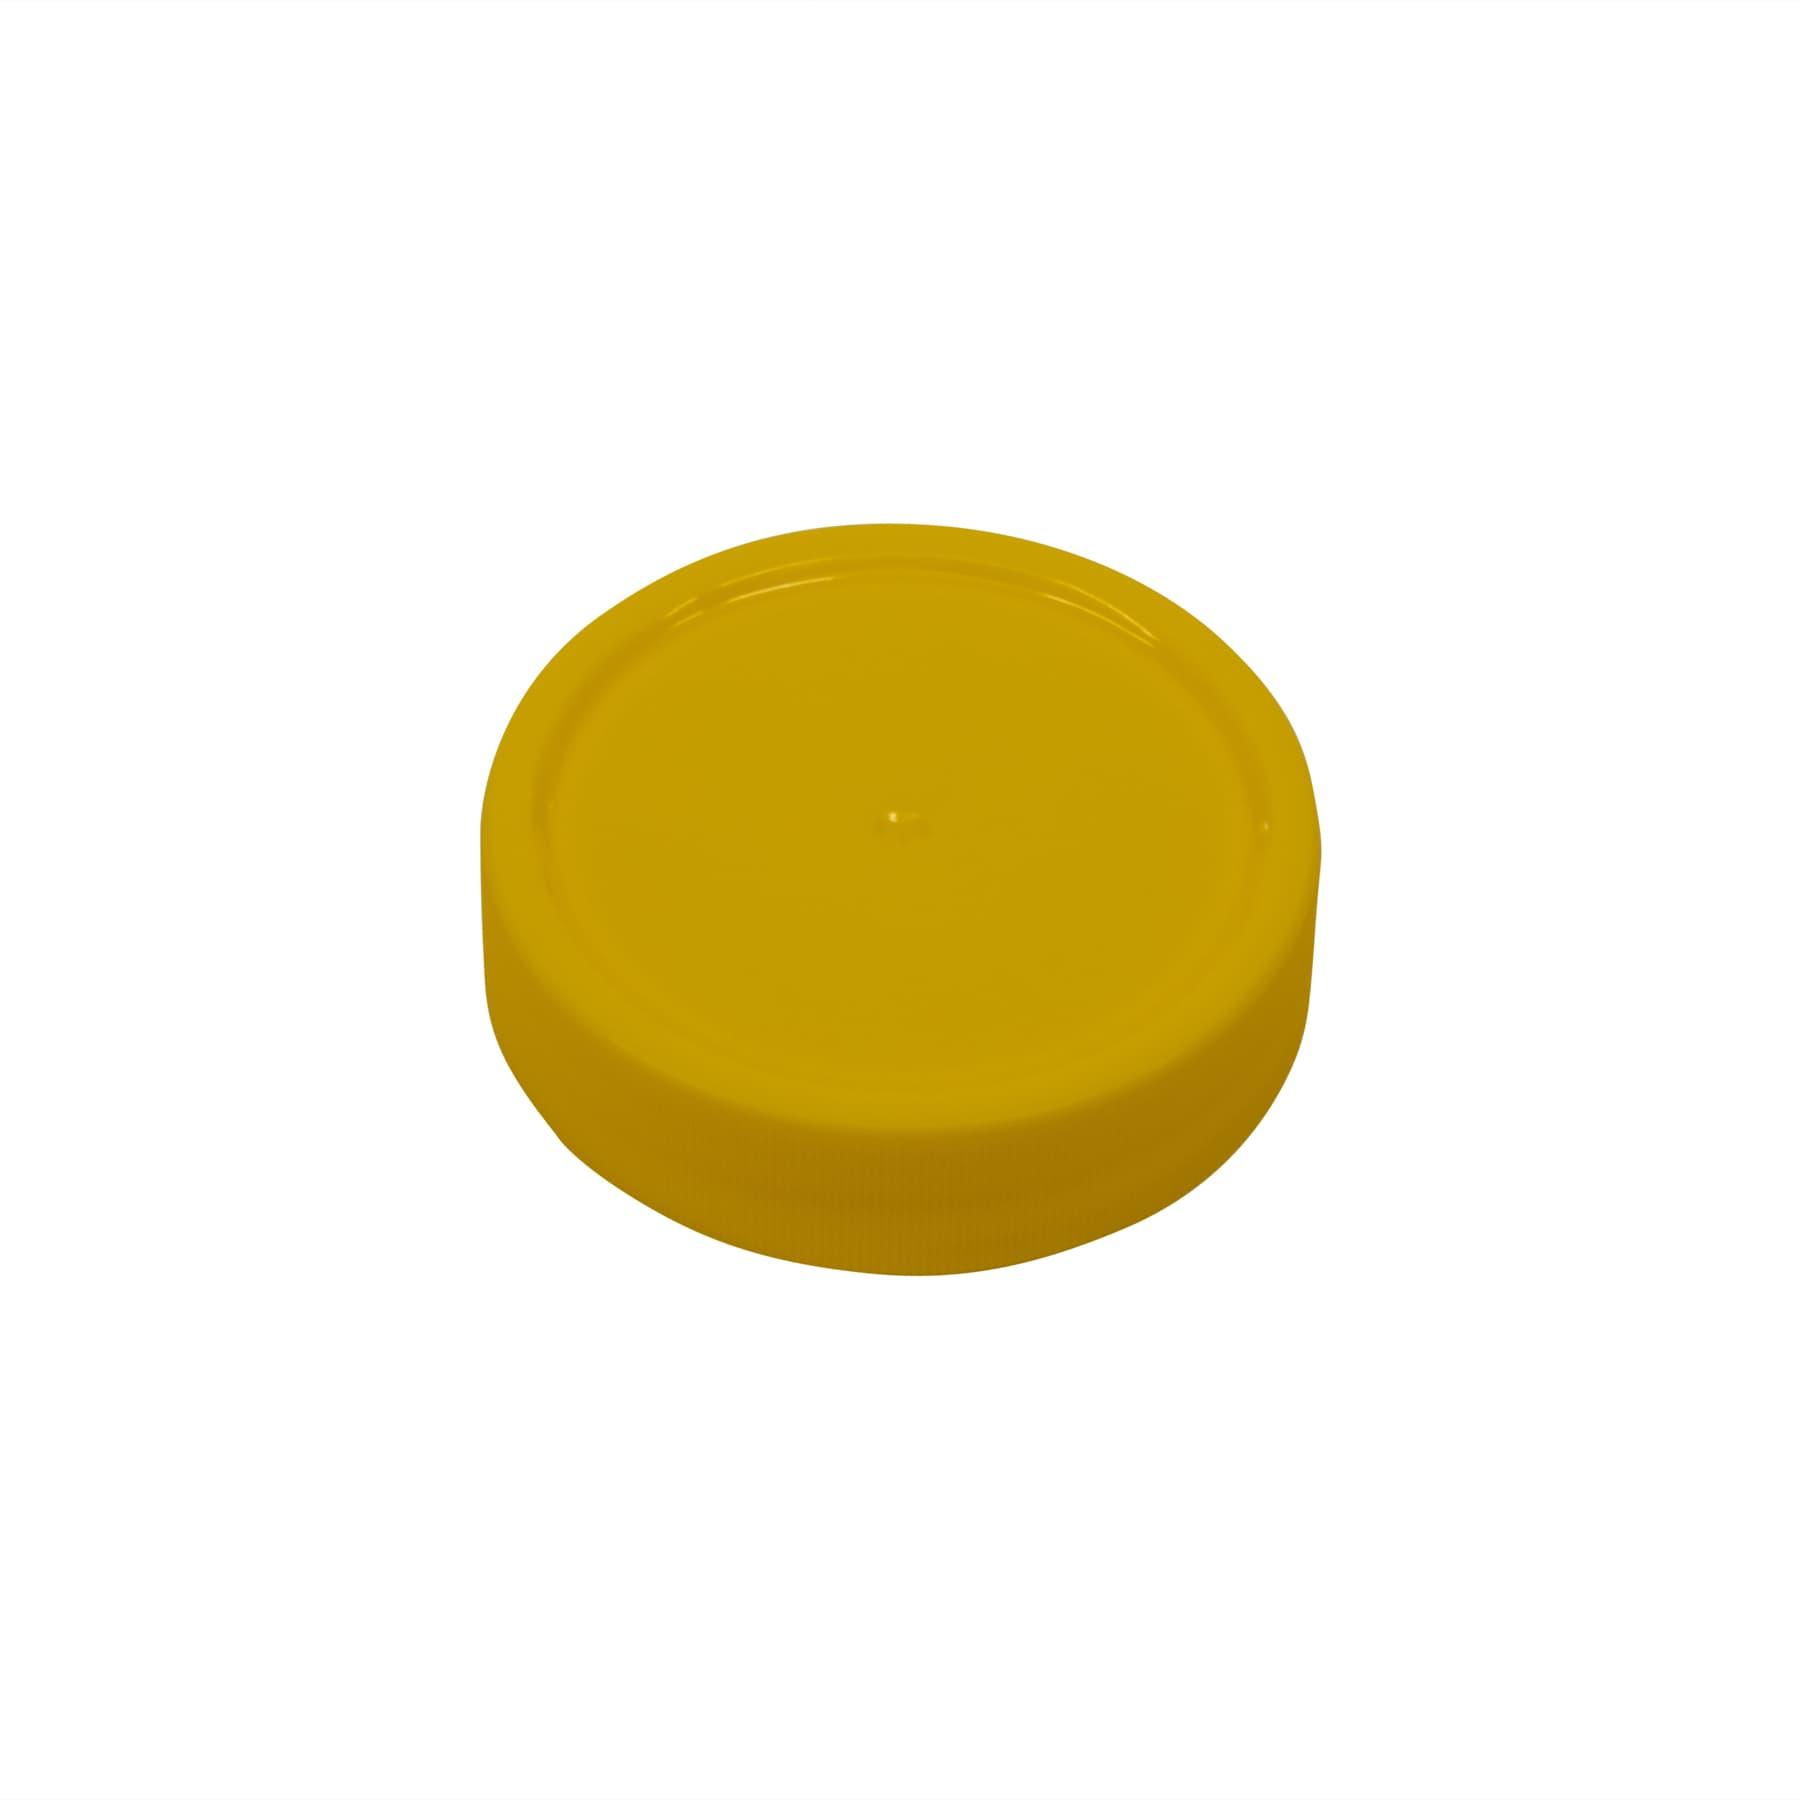 Schraubdeckel Kunststoff 68 mm (gold oder gelb)